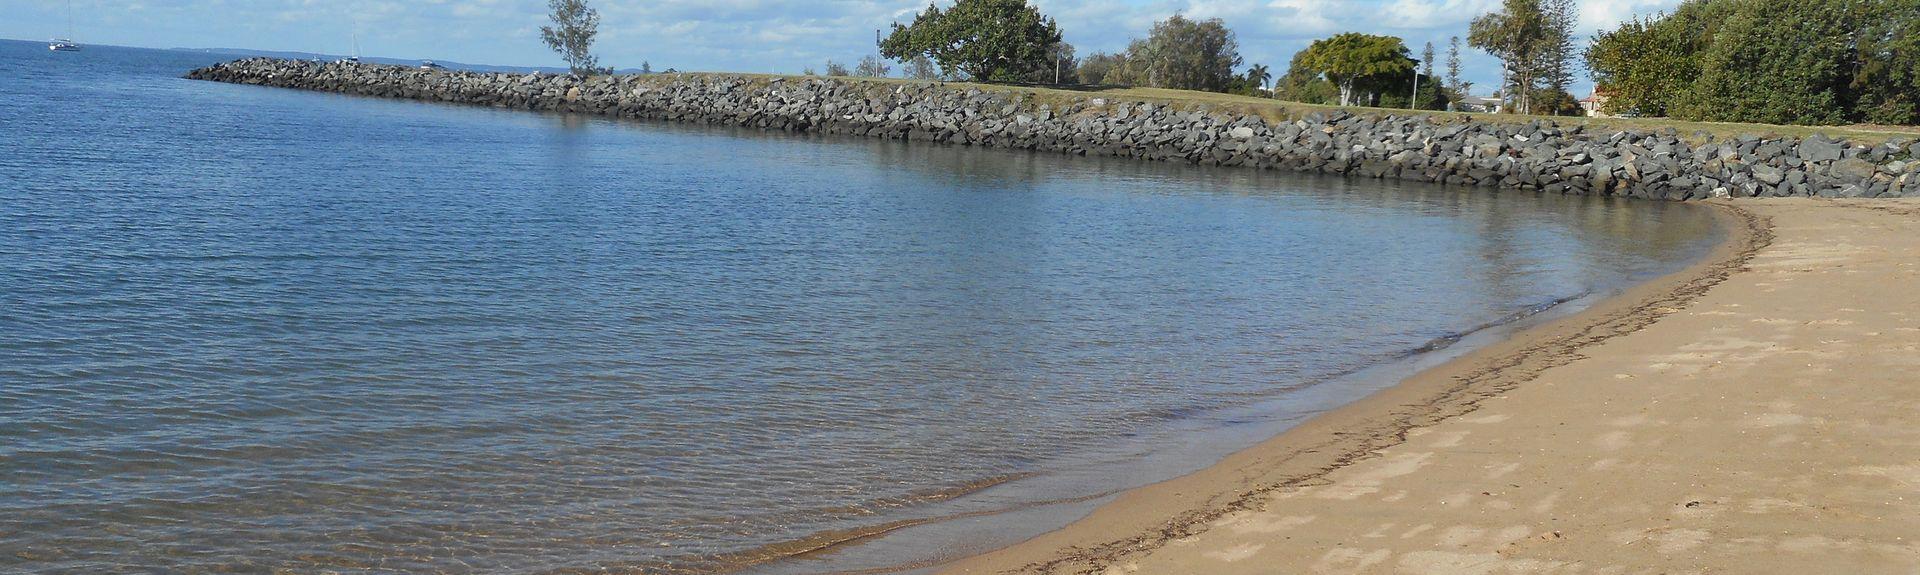 Karragarra Island, QLD, Australia